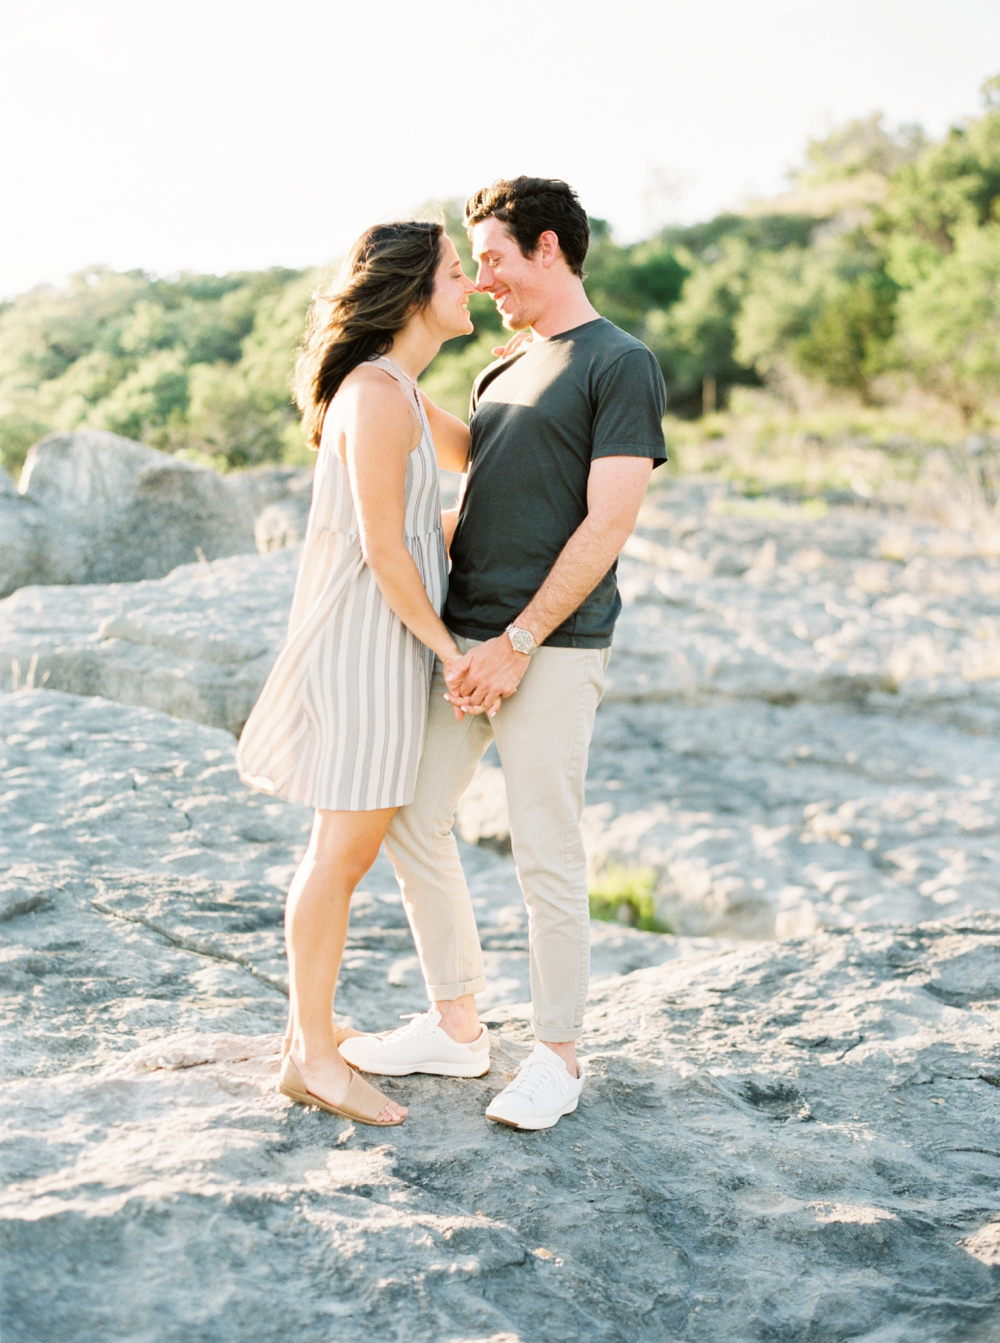 Hannah-Mayson-Austin-Engagement_0002.jpg